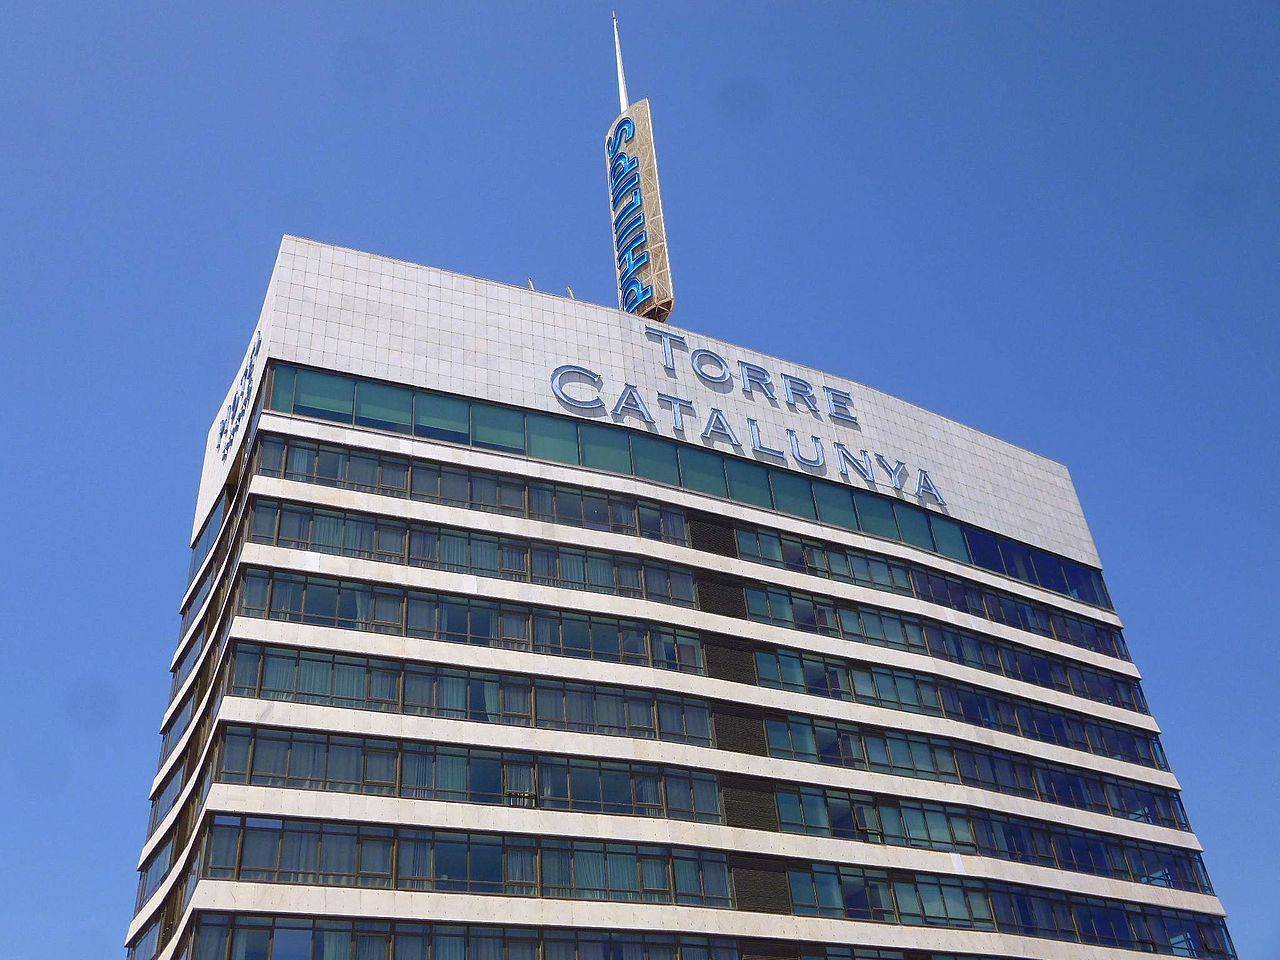 Gran Hotel Torre Catalunya Barcelona / Viquipèdia